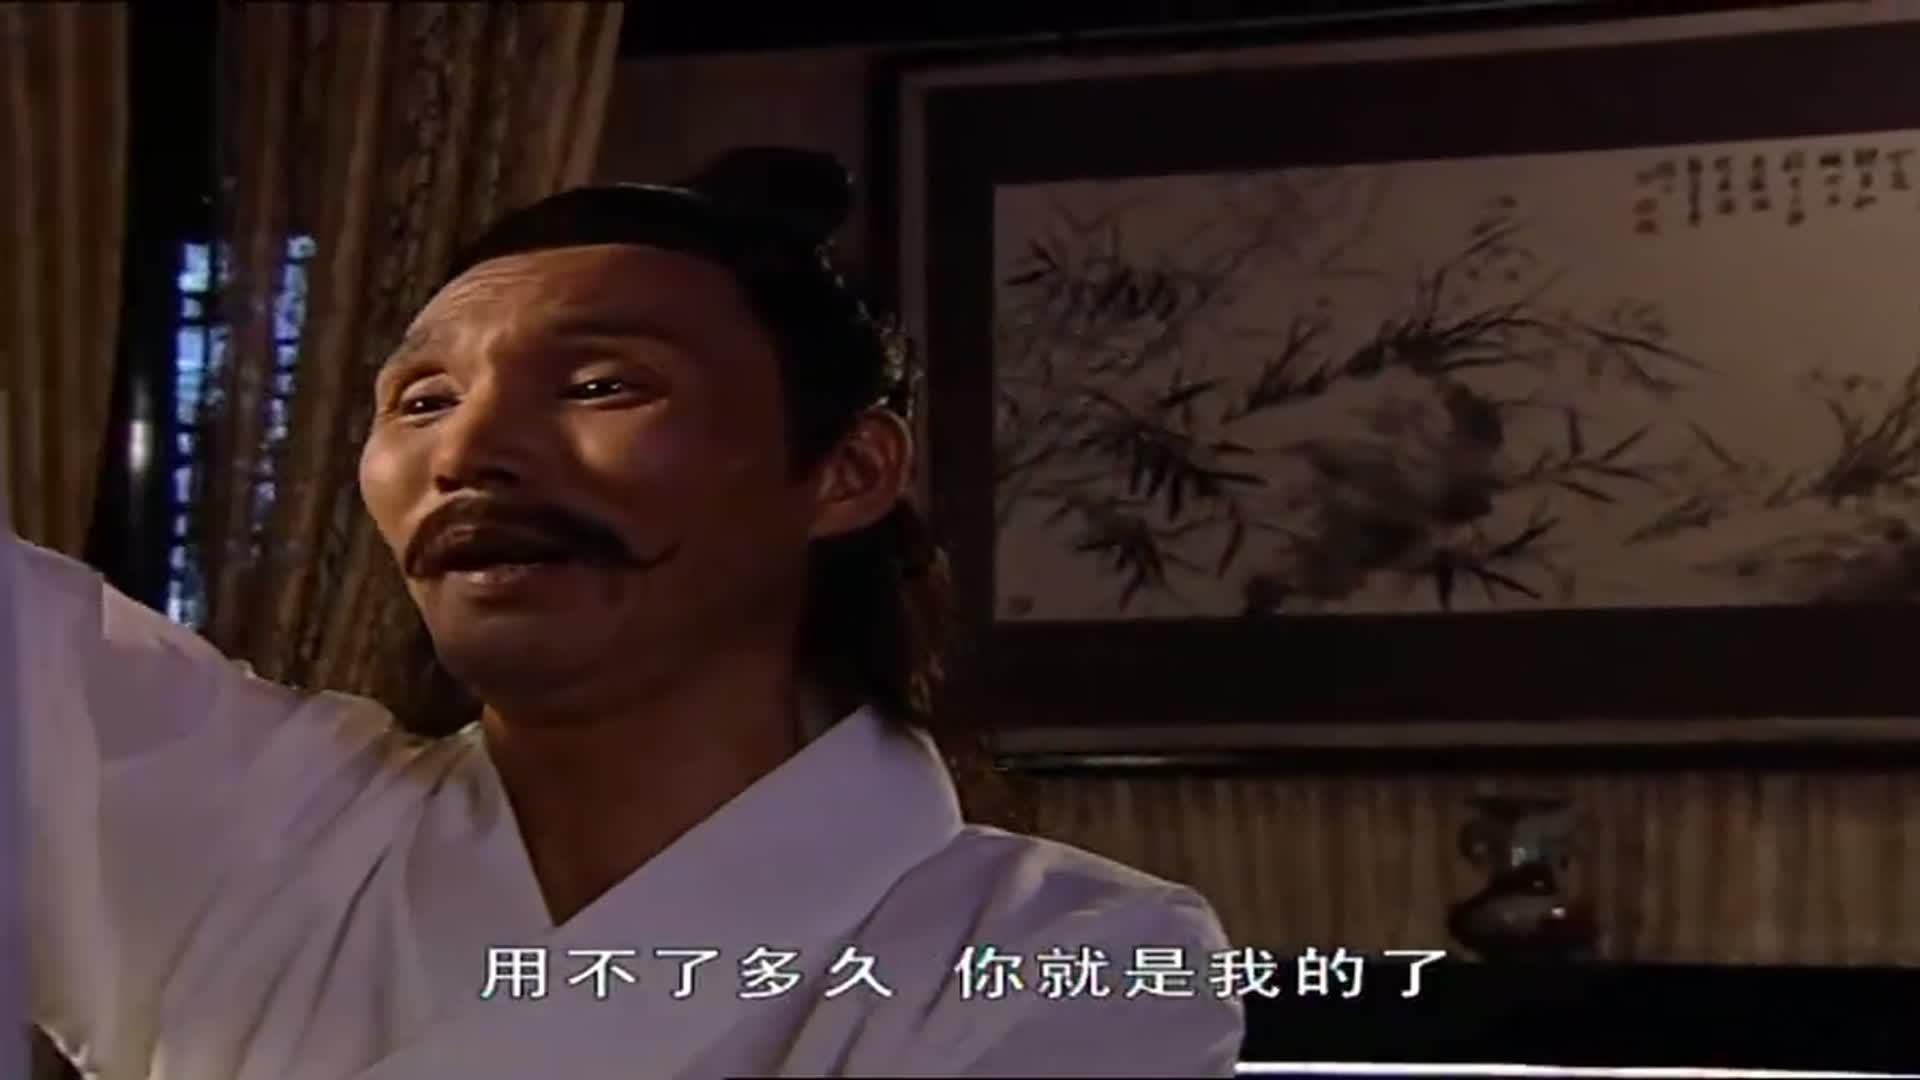 七仙女:四姐不仅救下药铺伙计,还将贾大人扔去了云南,太厉害了